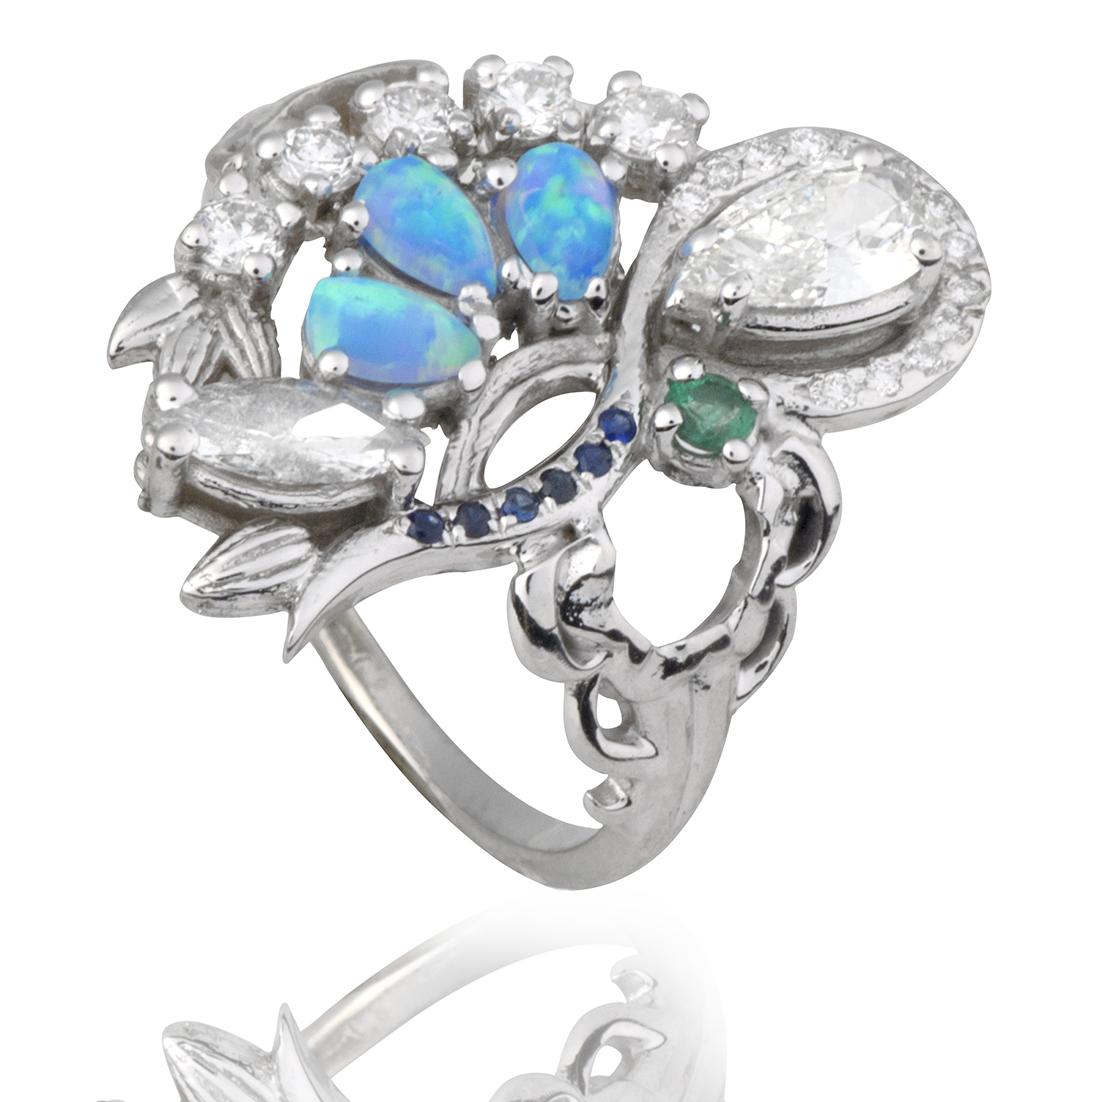 הטבעת המיוחדת של אתי